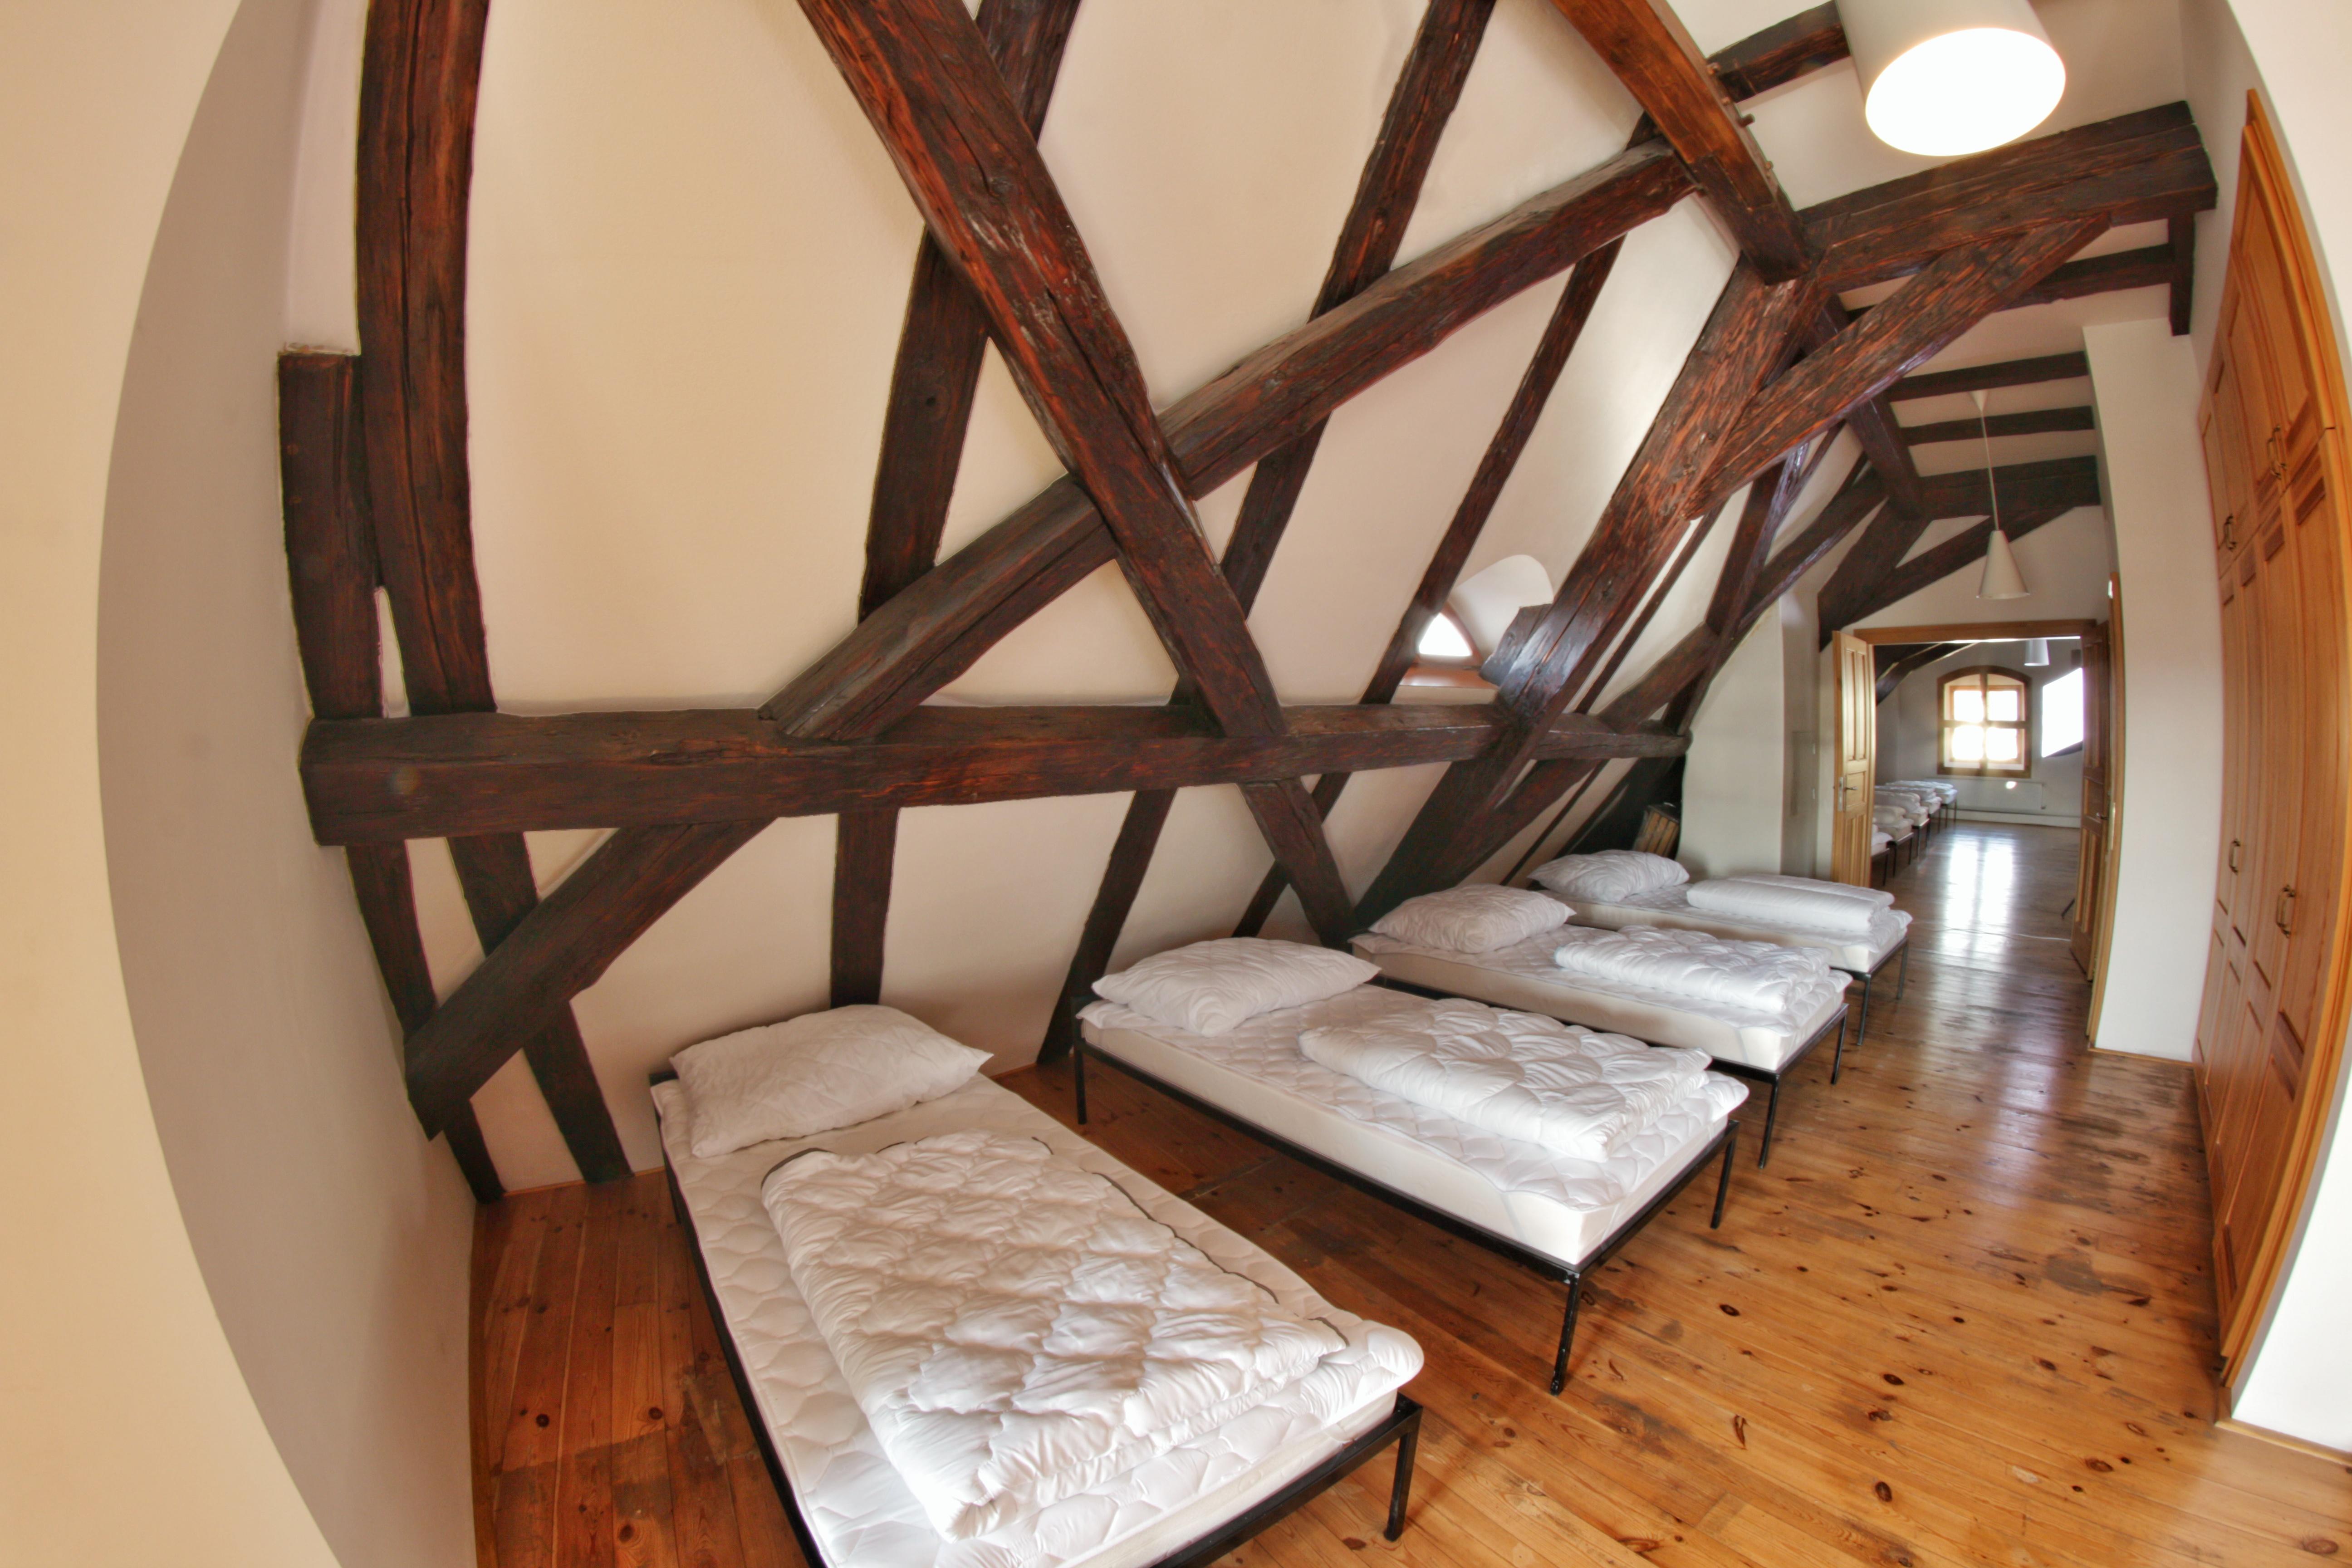 postele 15mix od vchodu